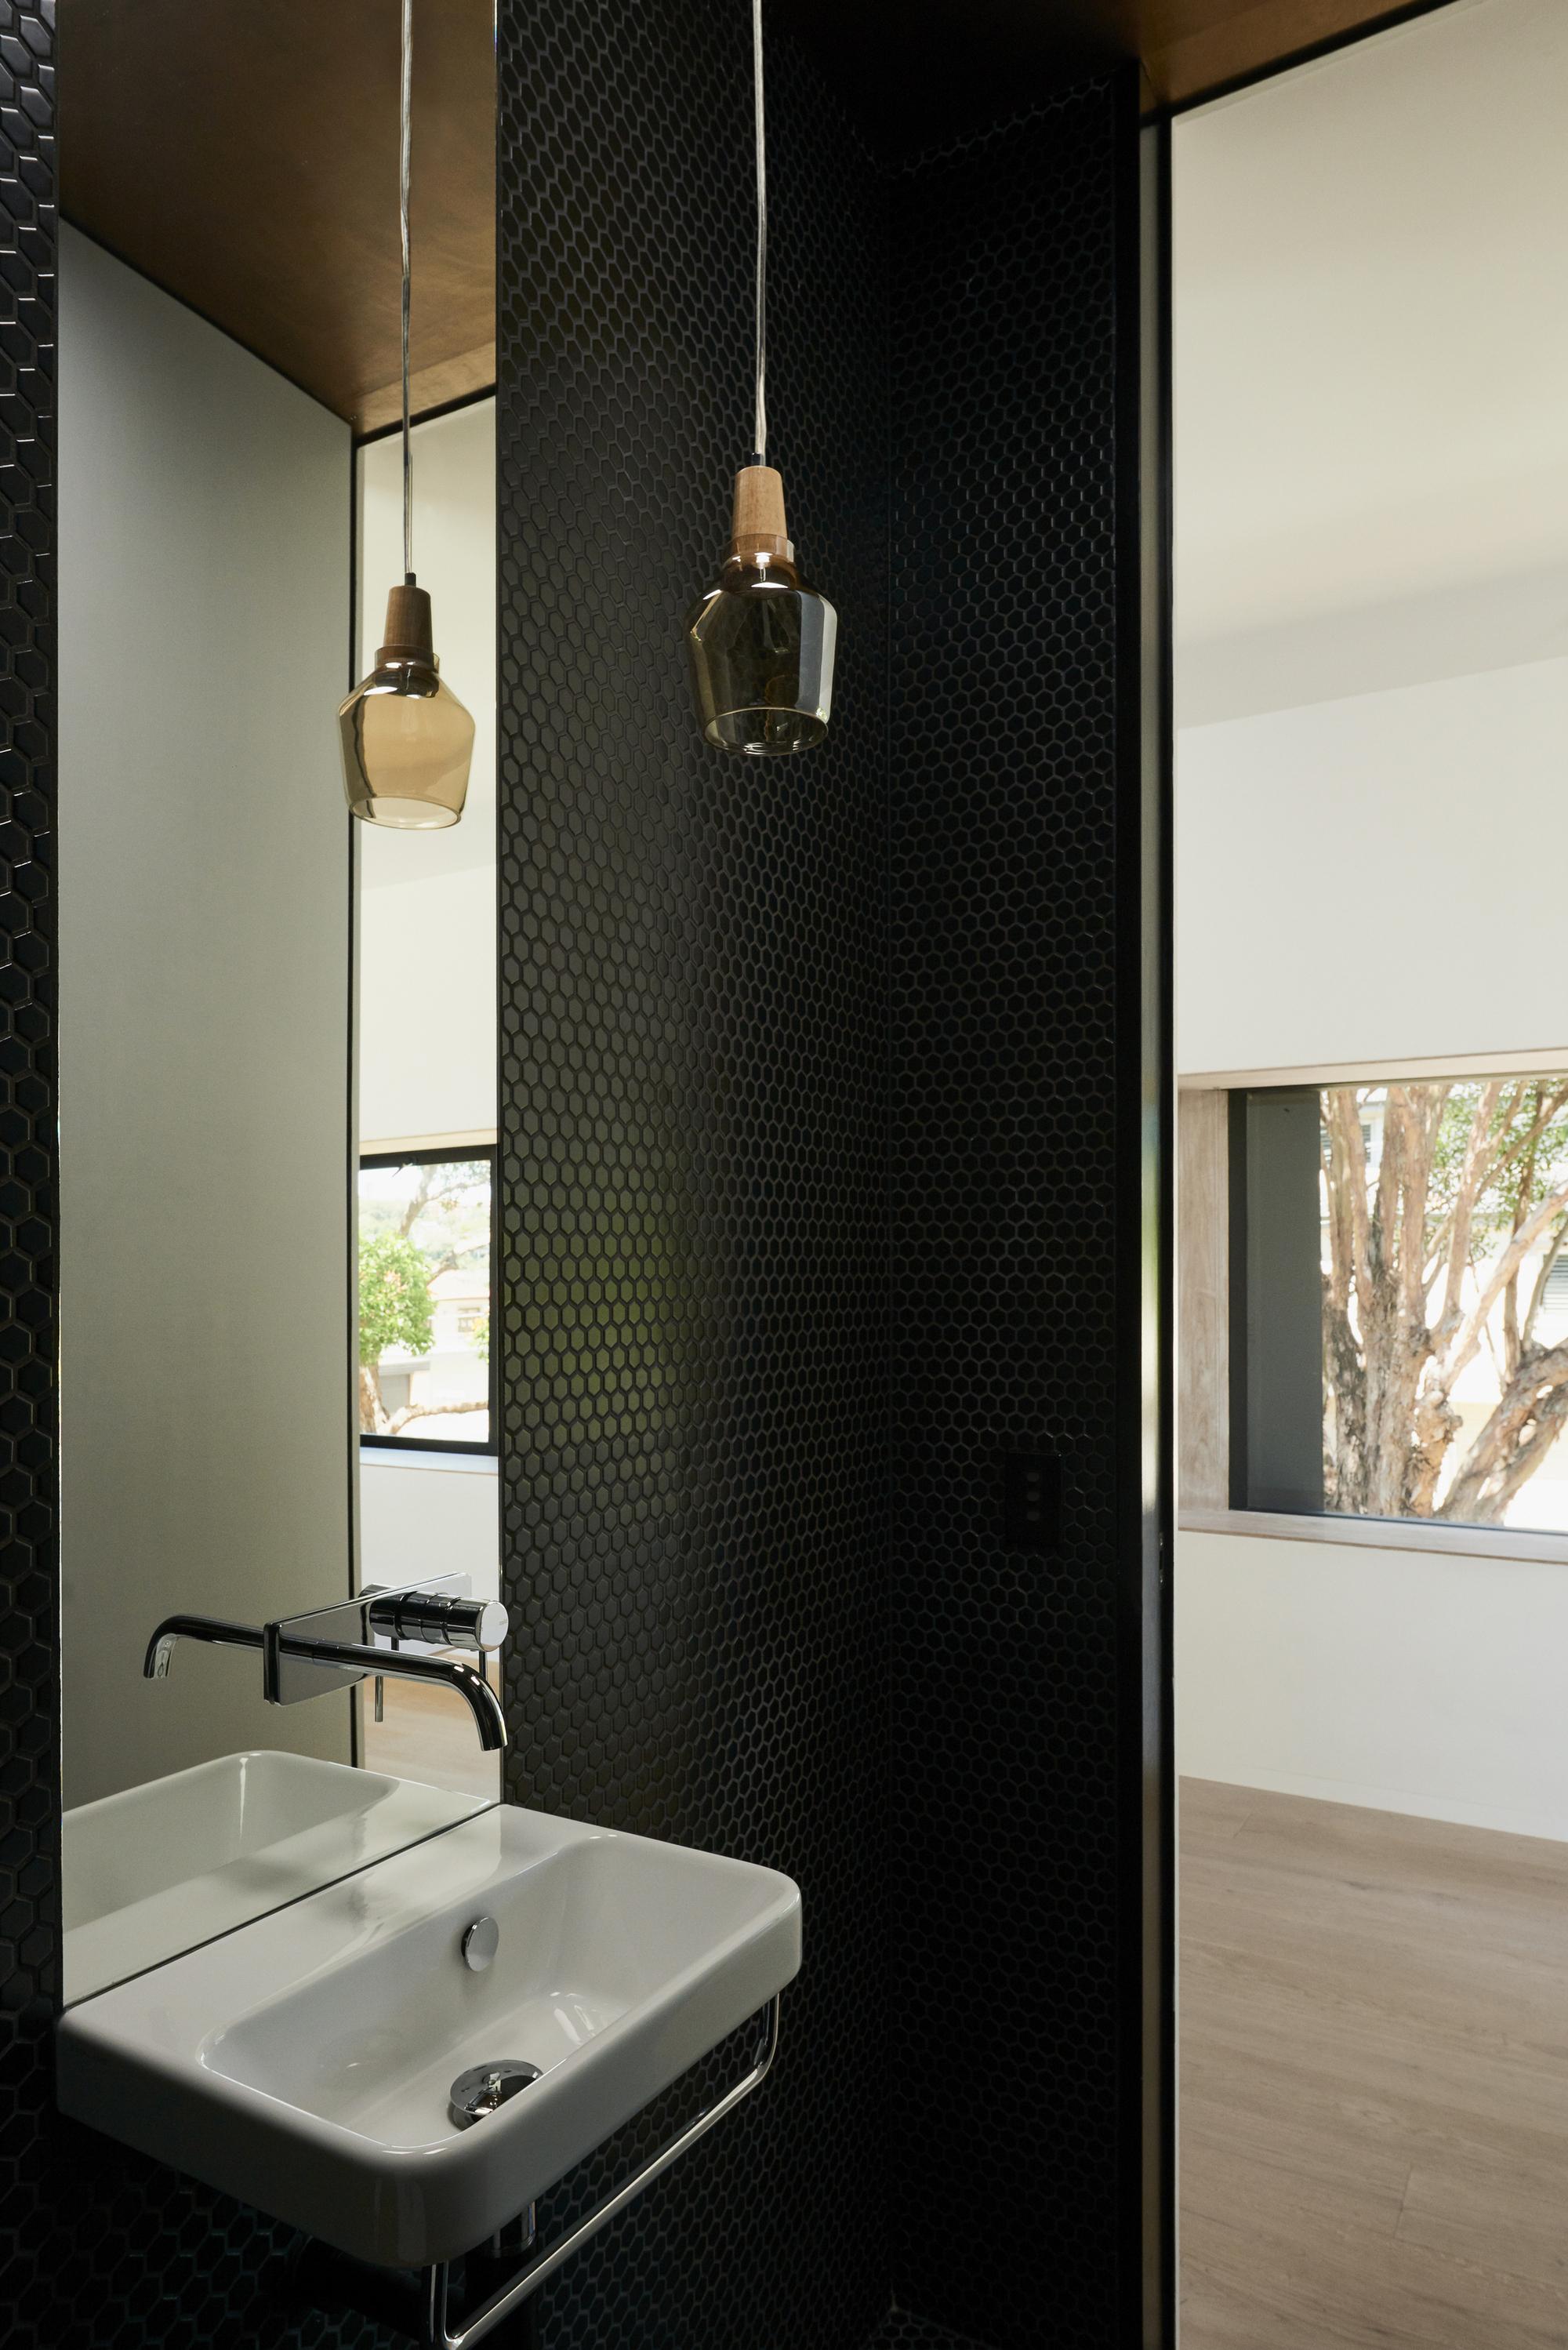 Galería de ¿Cuál es la mejor iluminación para un baño? - 6